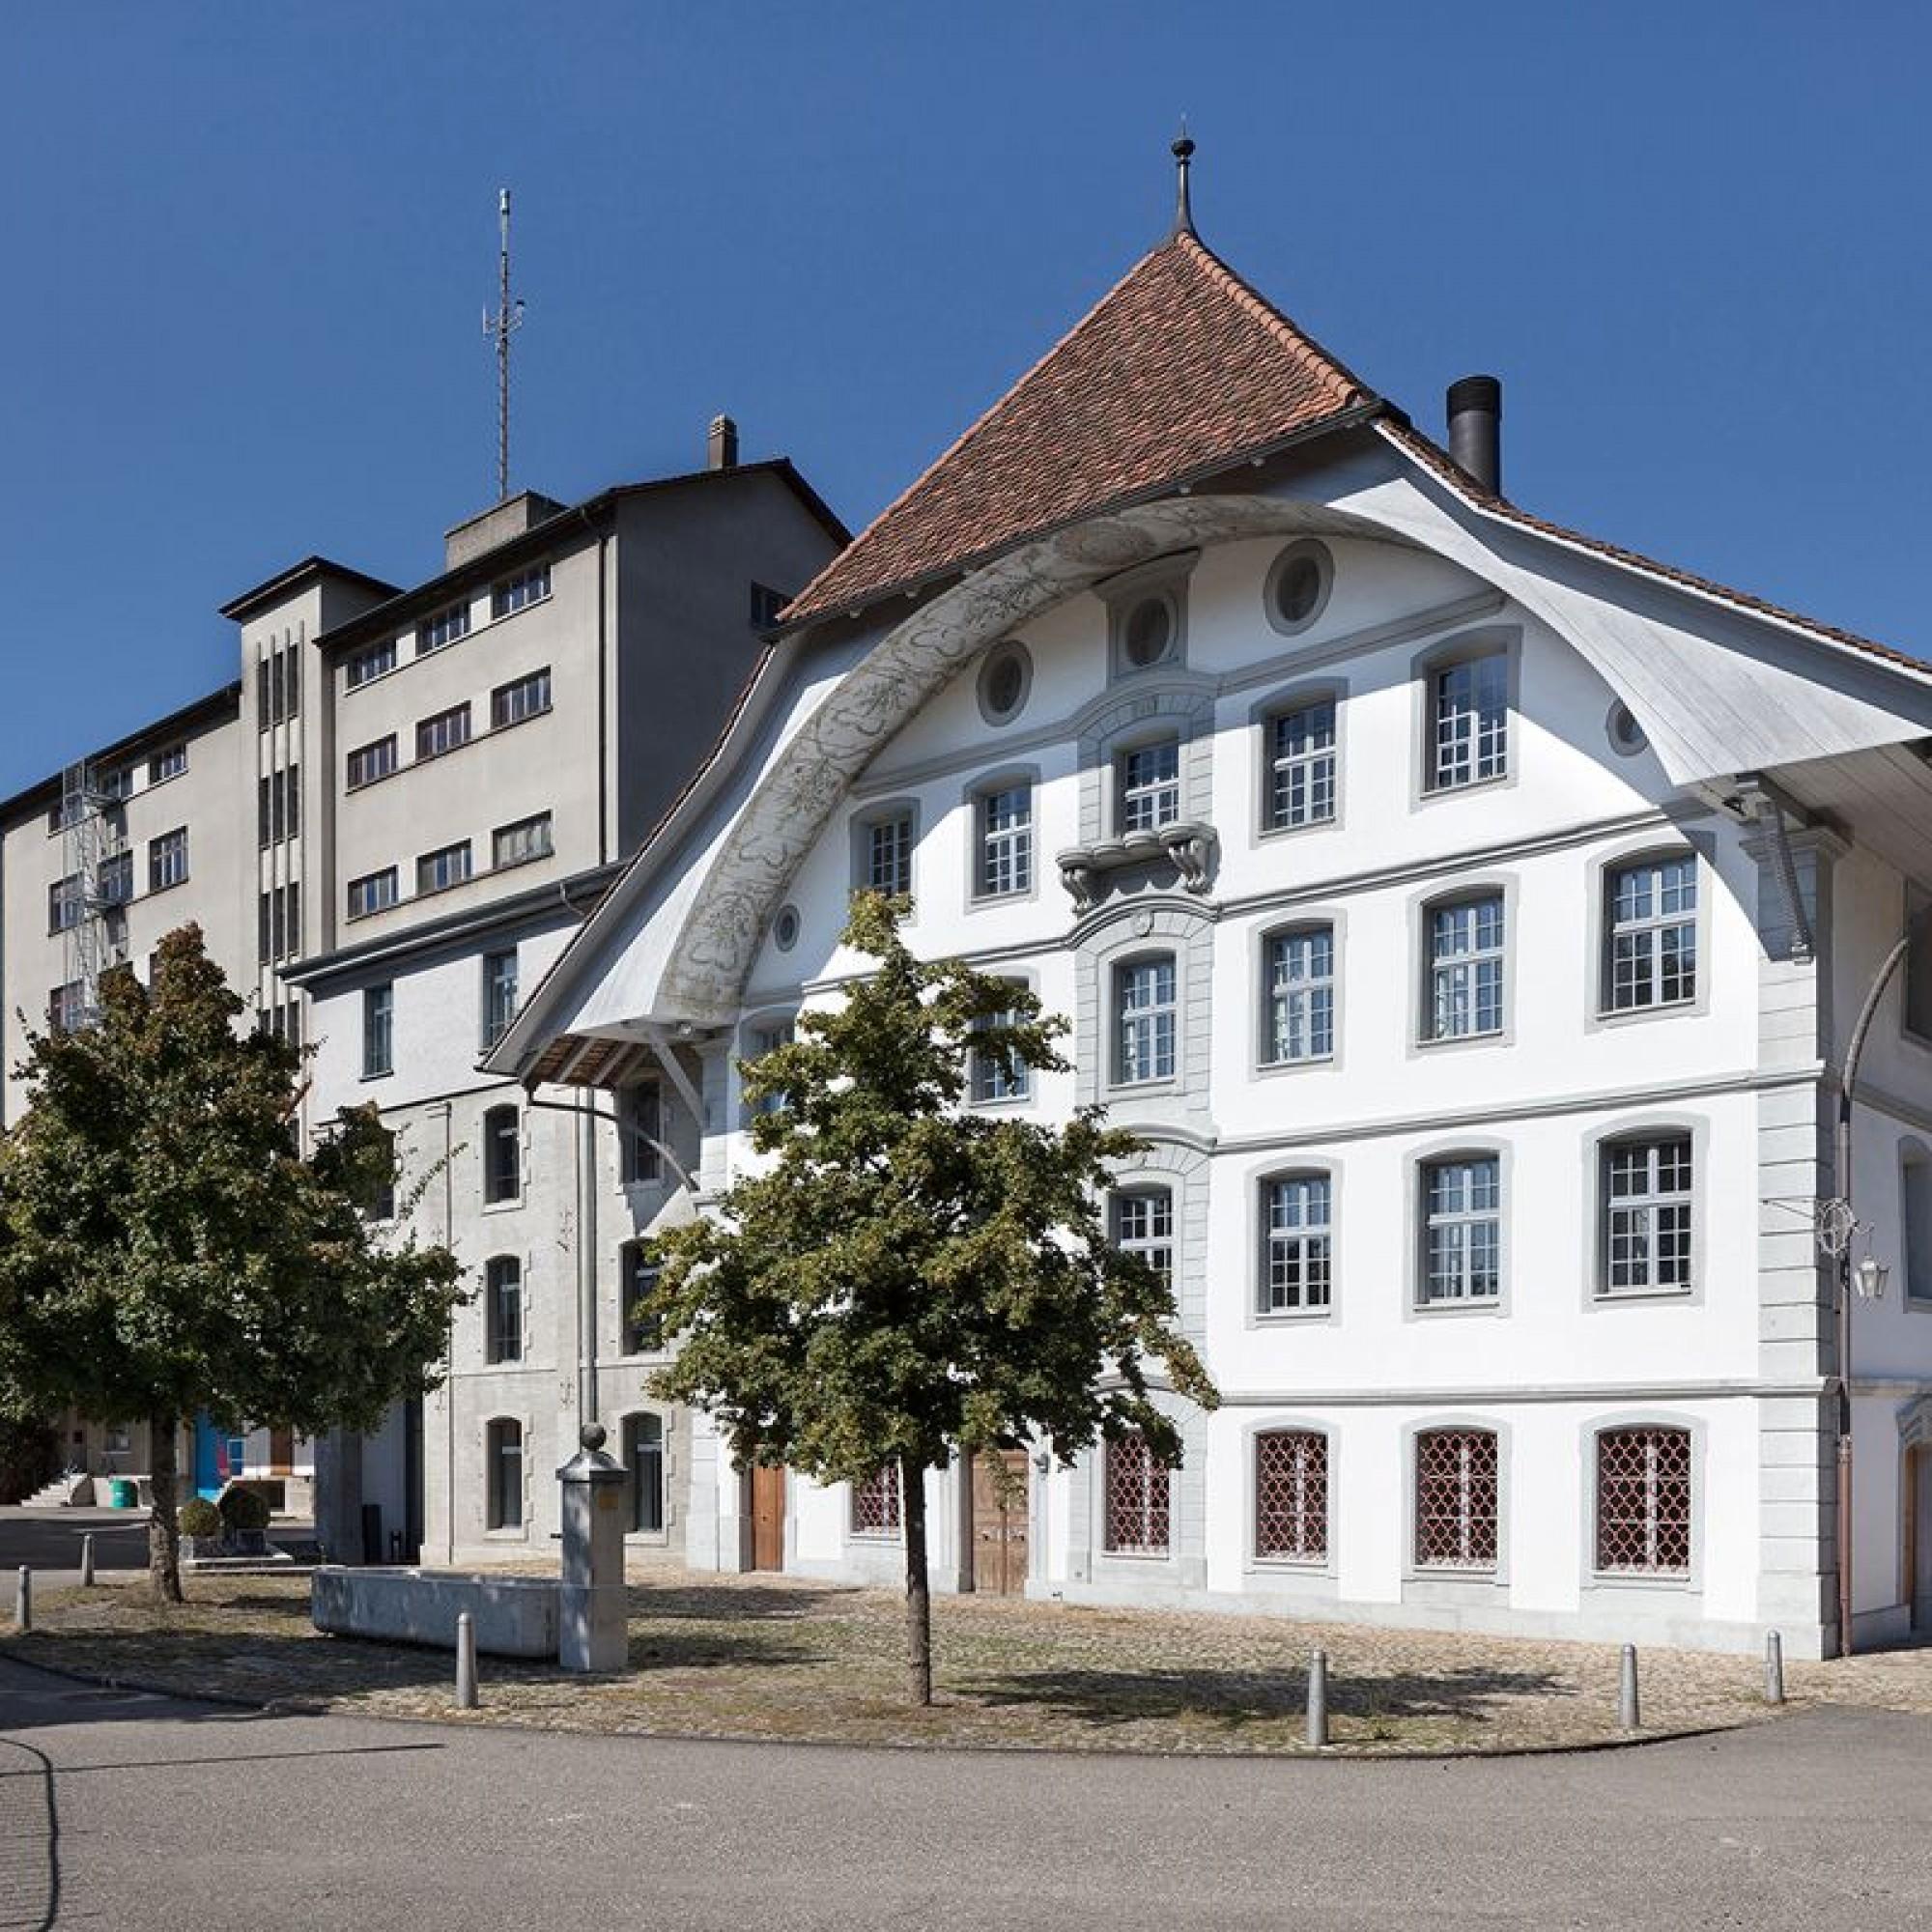 Das geschichtsträchtige Areal rund um die alte Mühle bietet Raum für künftige Entwicklungen in einem wertvollen baugeschichtlichen Umfeld.